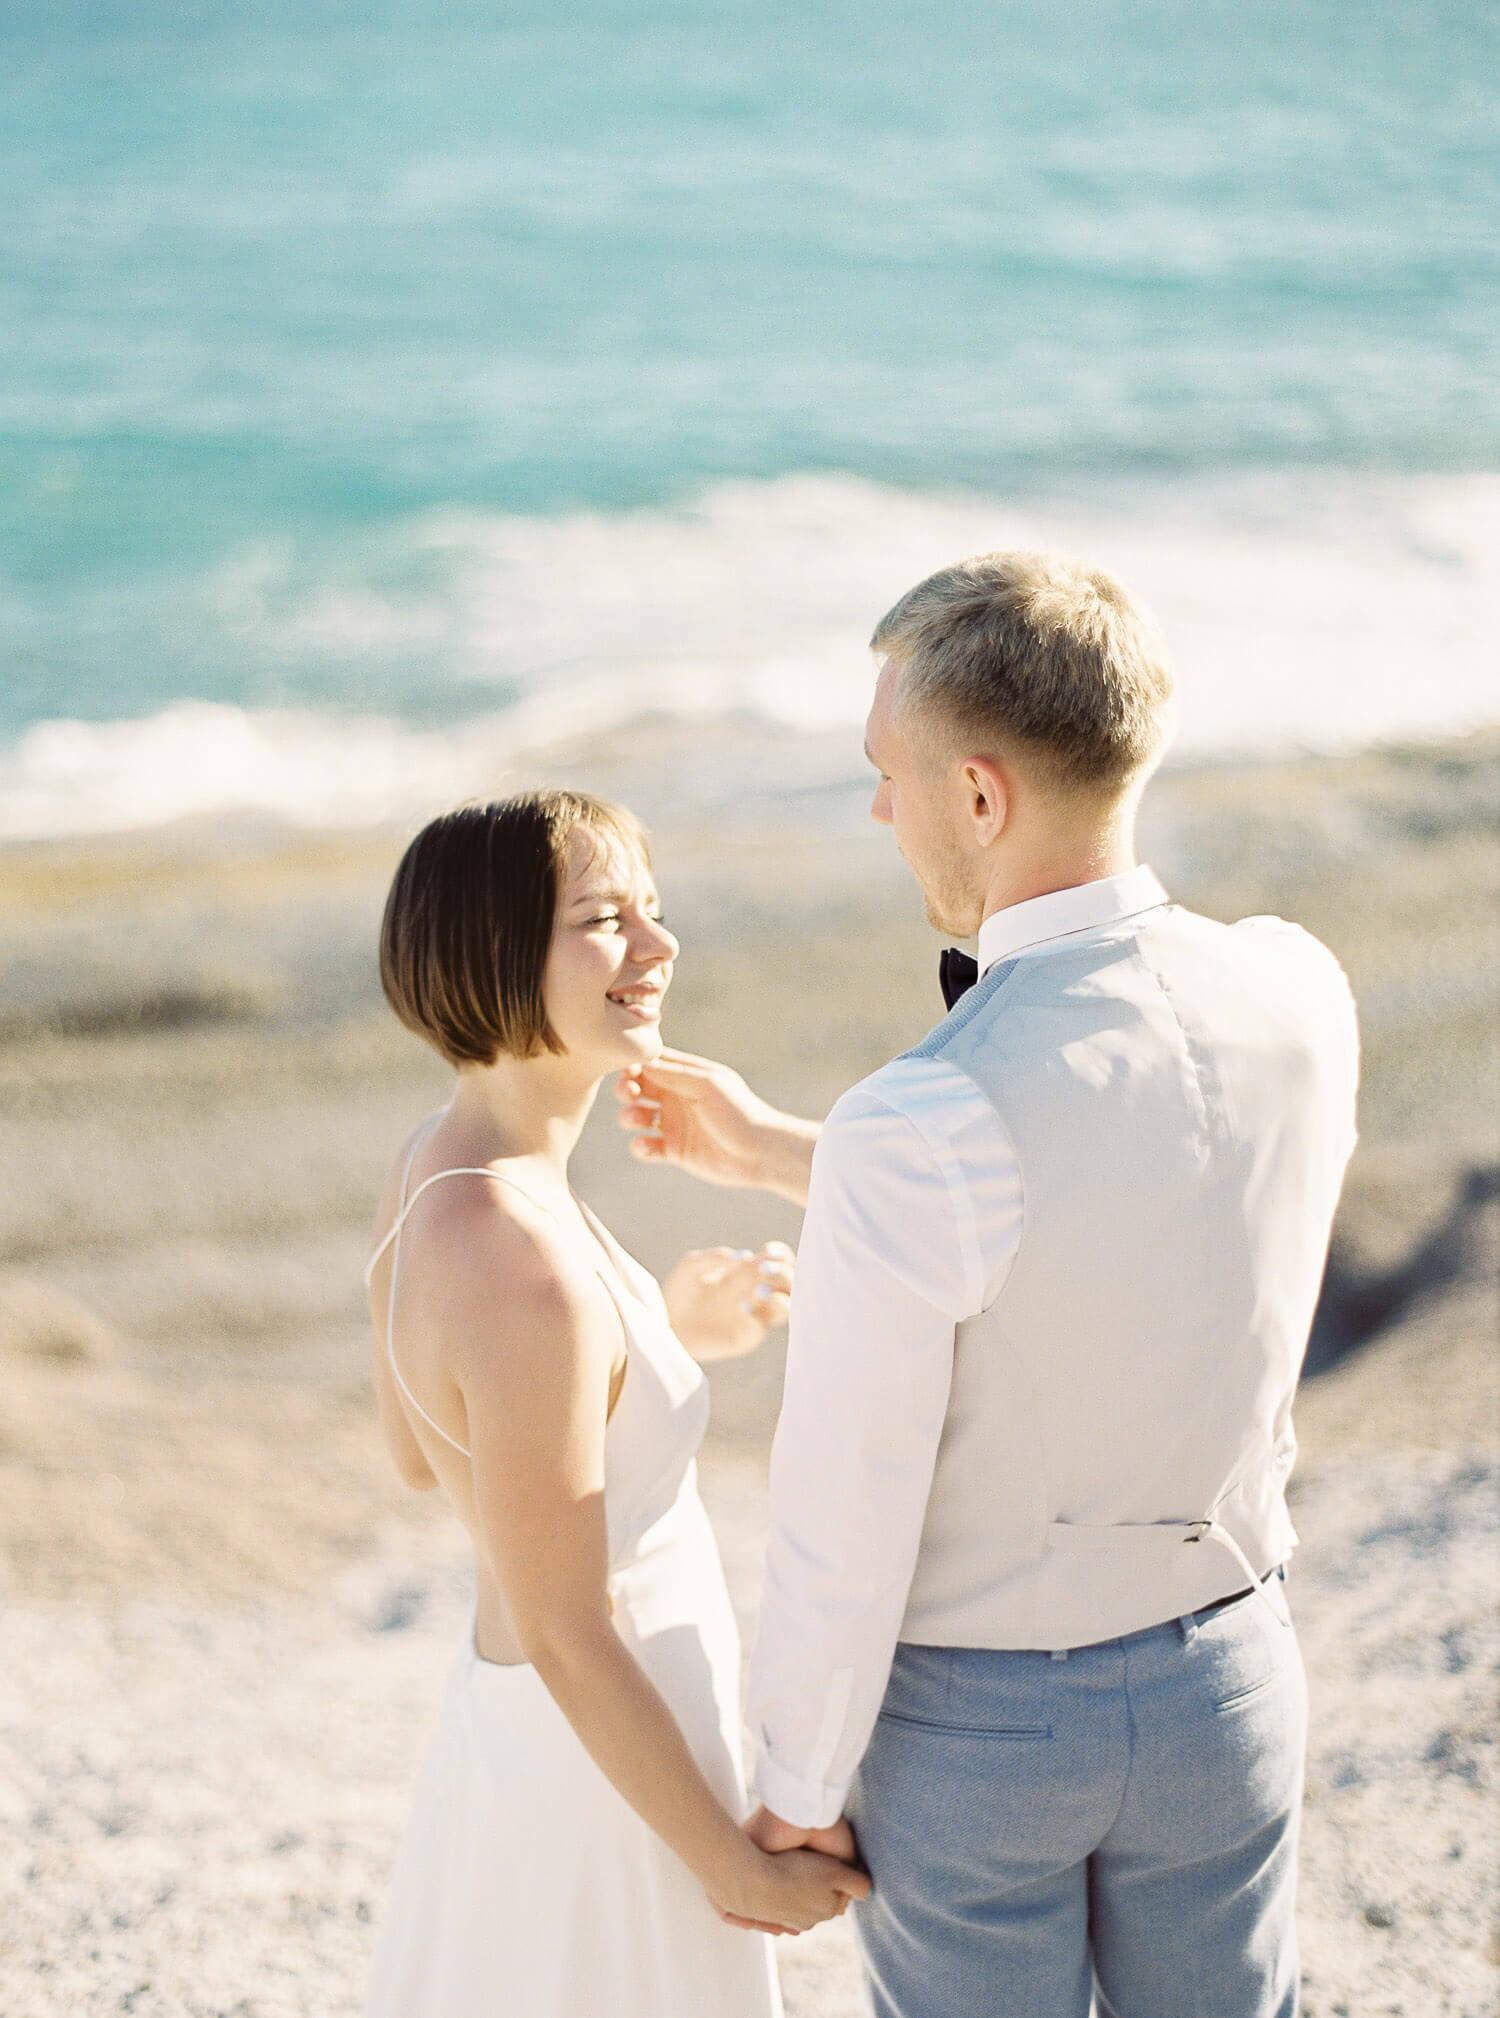 wedding photographer in Tenerife Lilly Verhaegen